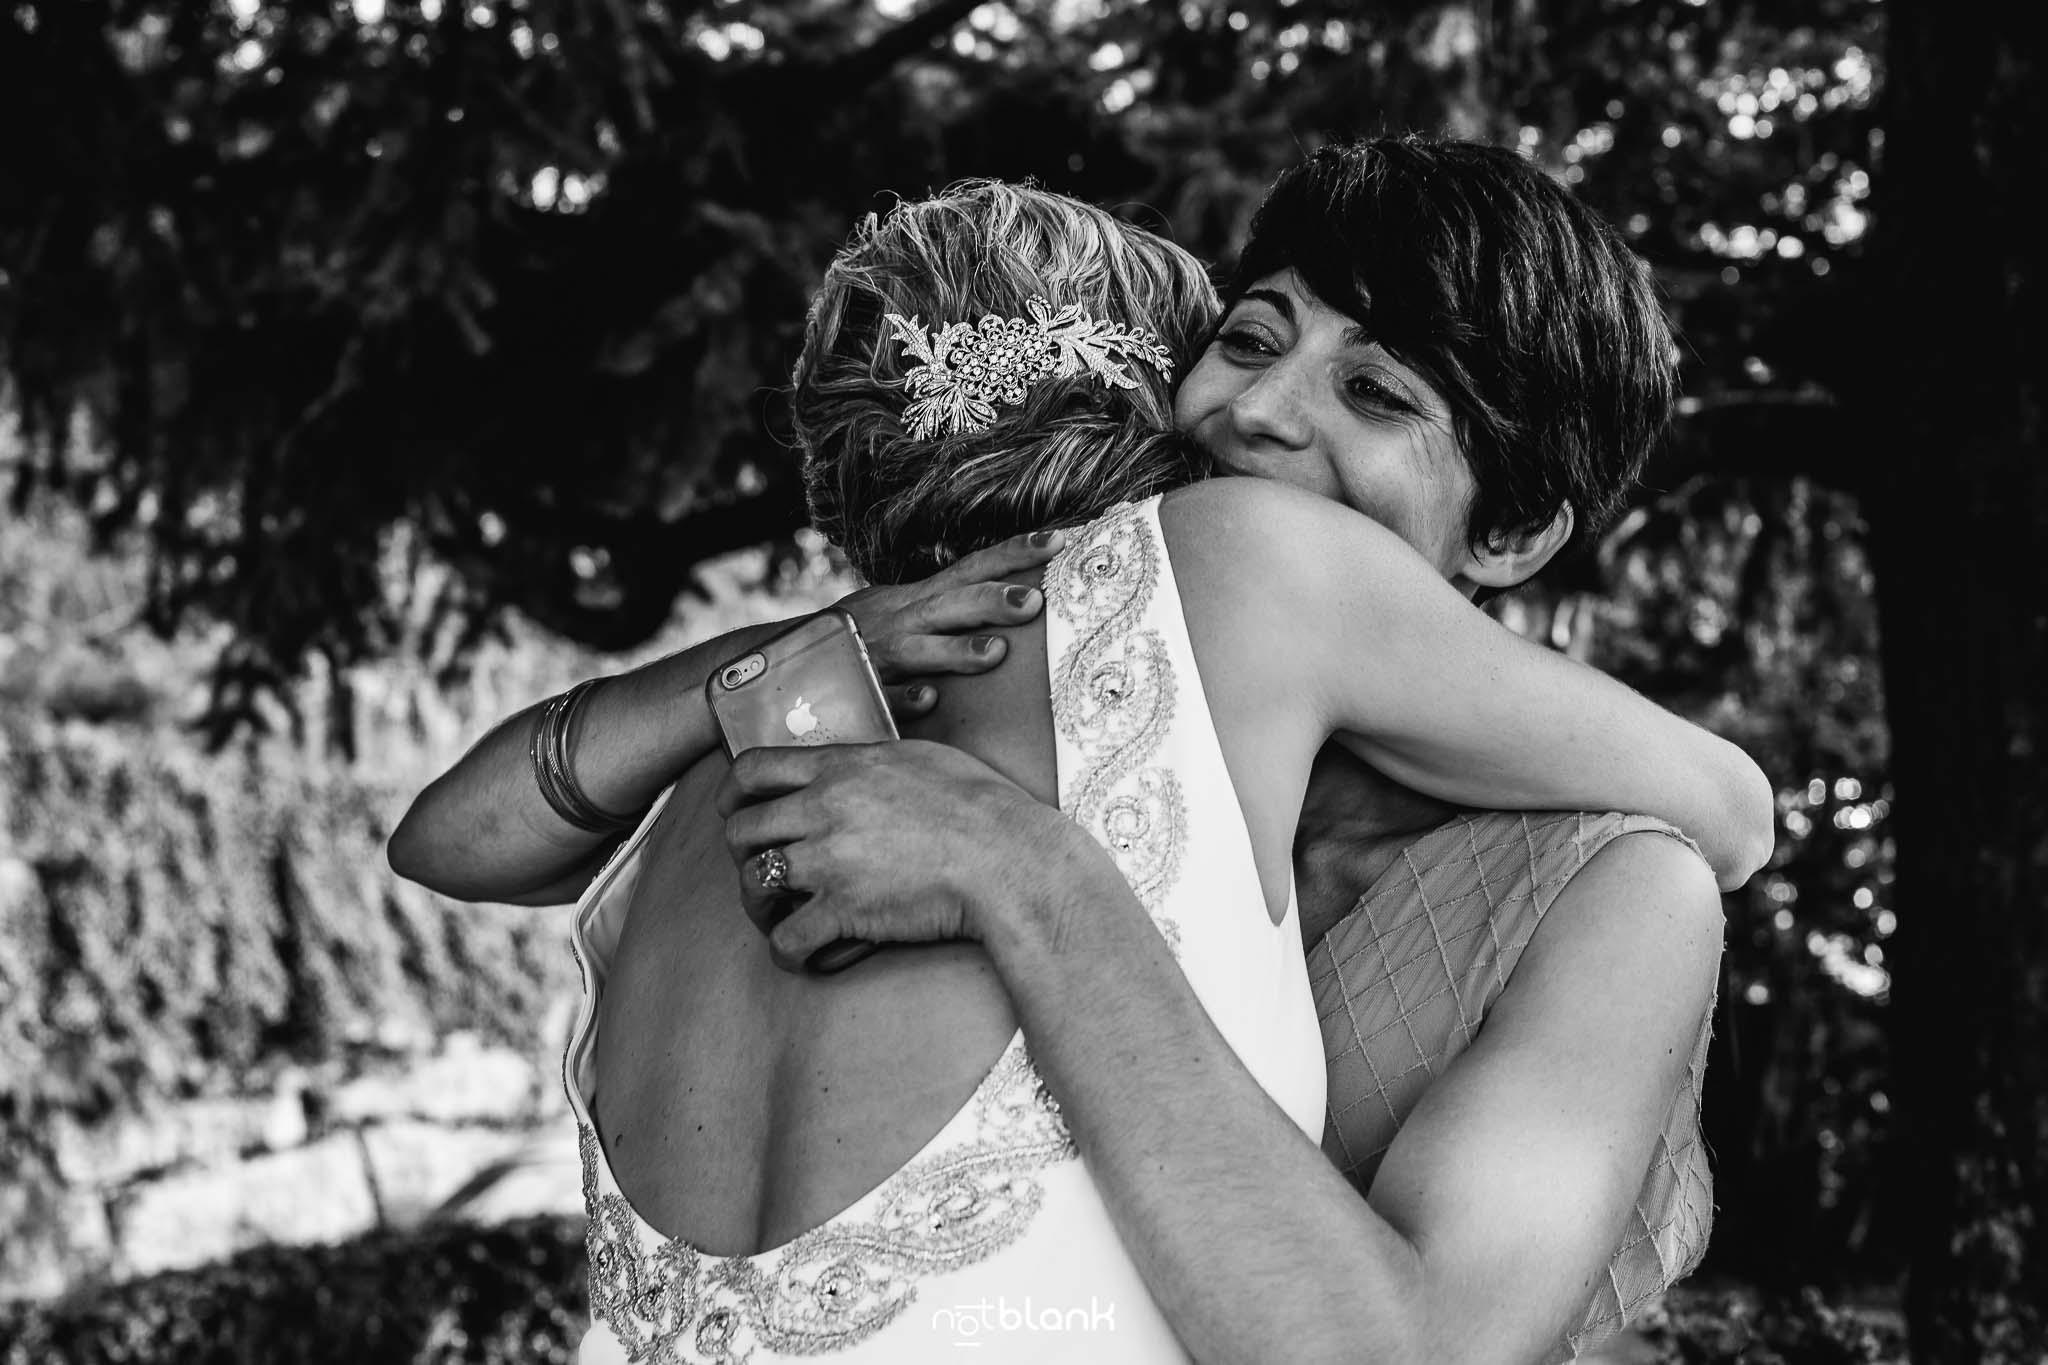 Boda En El Jardin De Casa Jana y Fran - La amiga de la novia la abraza despues de dedicarle unas palabras durante la ceremonia civil - Notblank Fotografos de boda